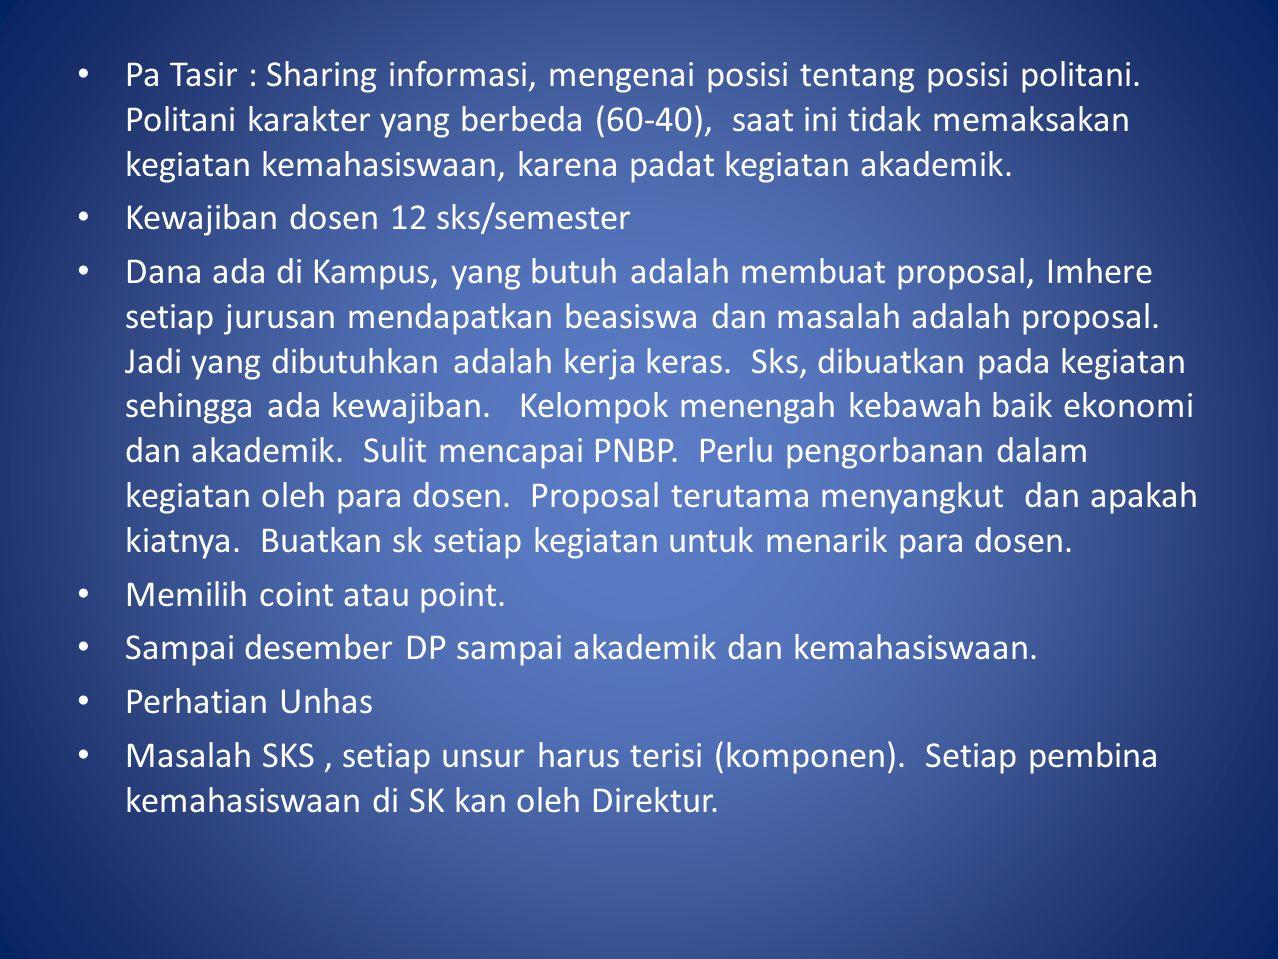 DISKUSI Pa Zainal : Dimana posisi lembaga kemahasiswaan politani ? Kondisi politani berbeda dengan Unhas terutama menyangkut lokasi. Ada kampus 2 di M